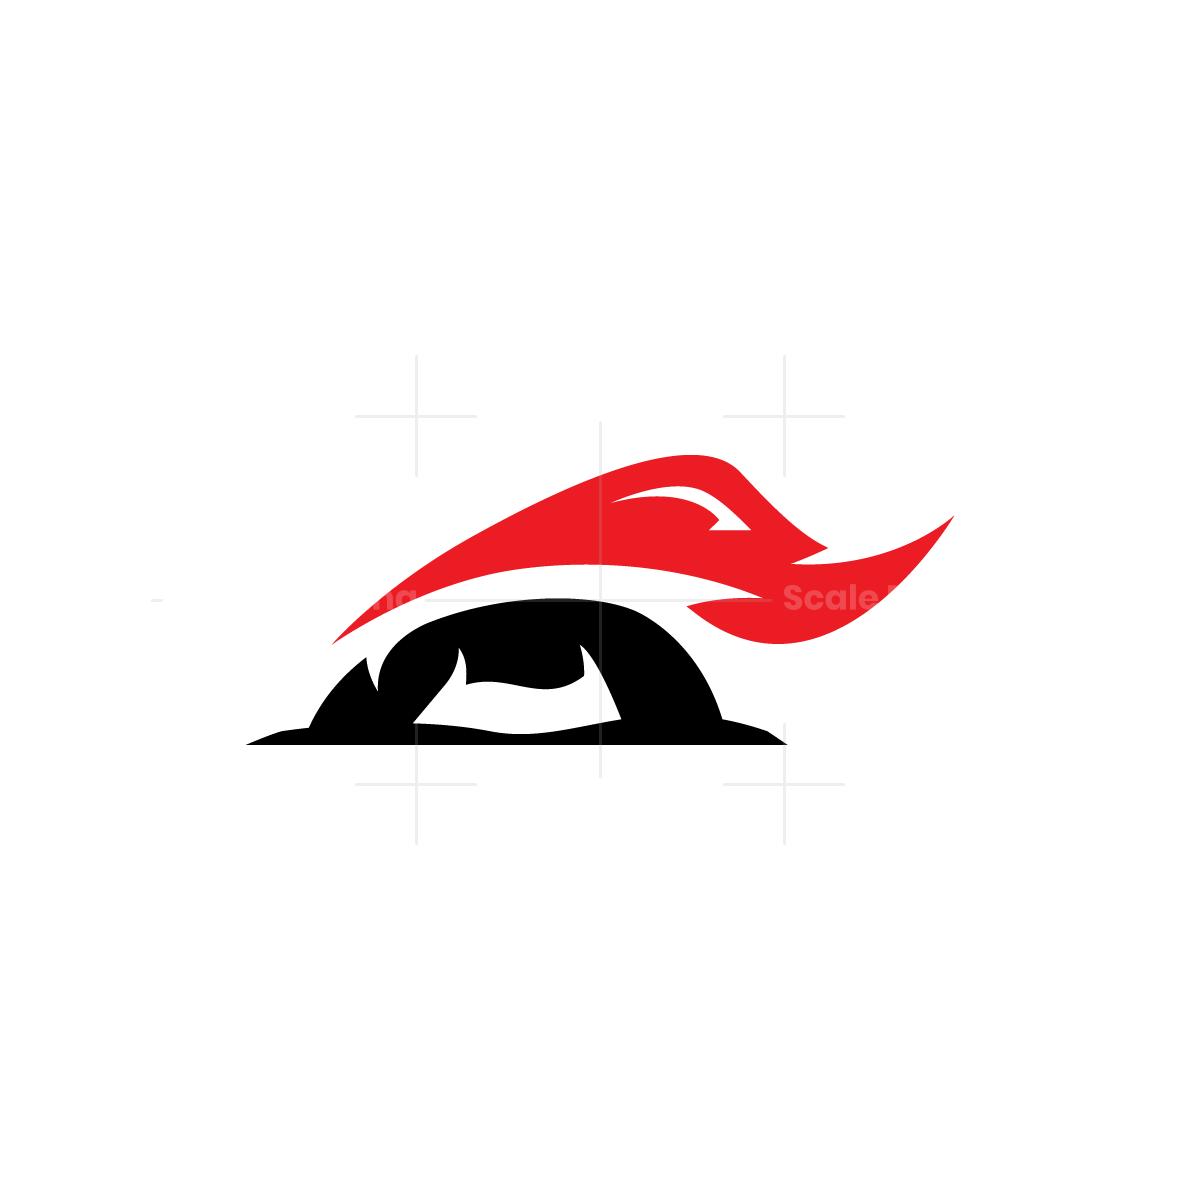 Black Red Attacking Rhino Logo